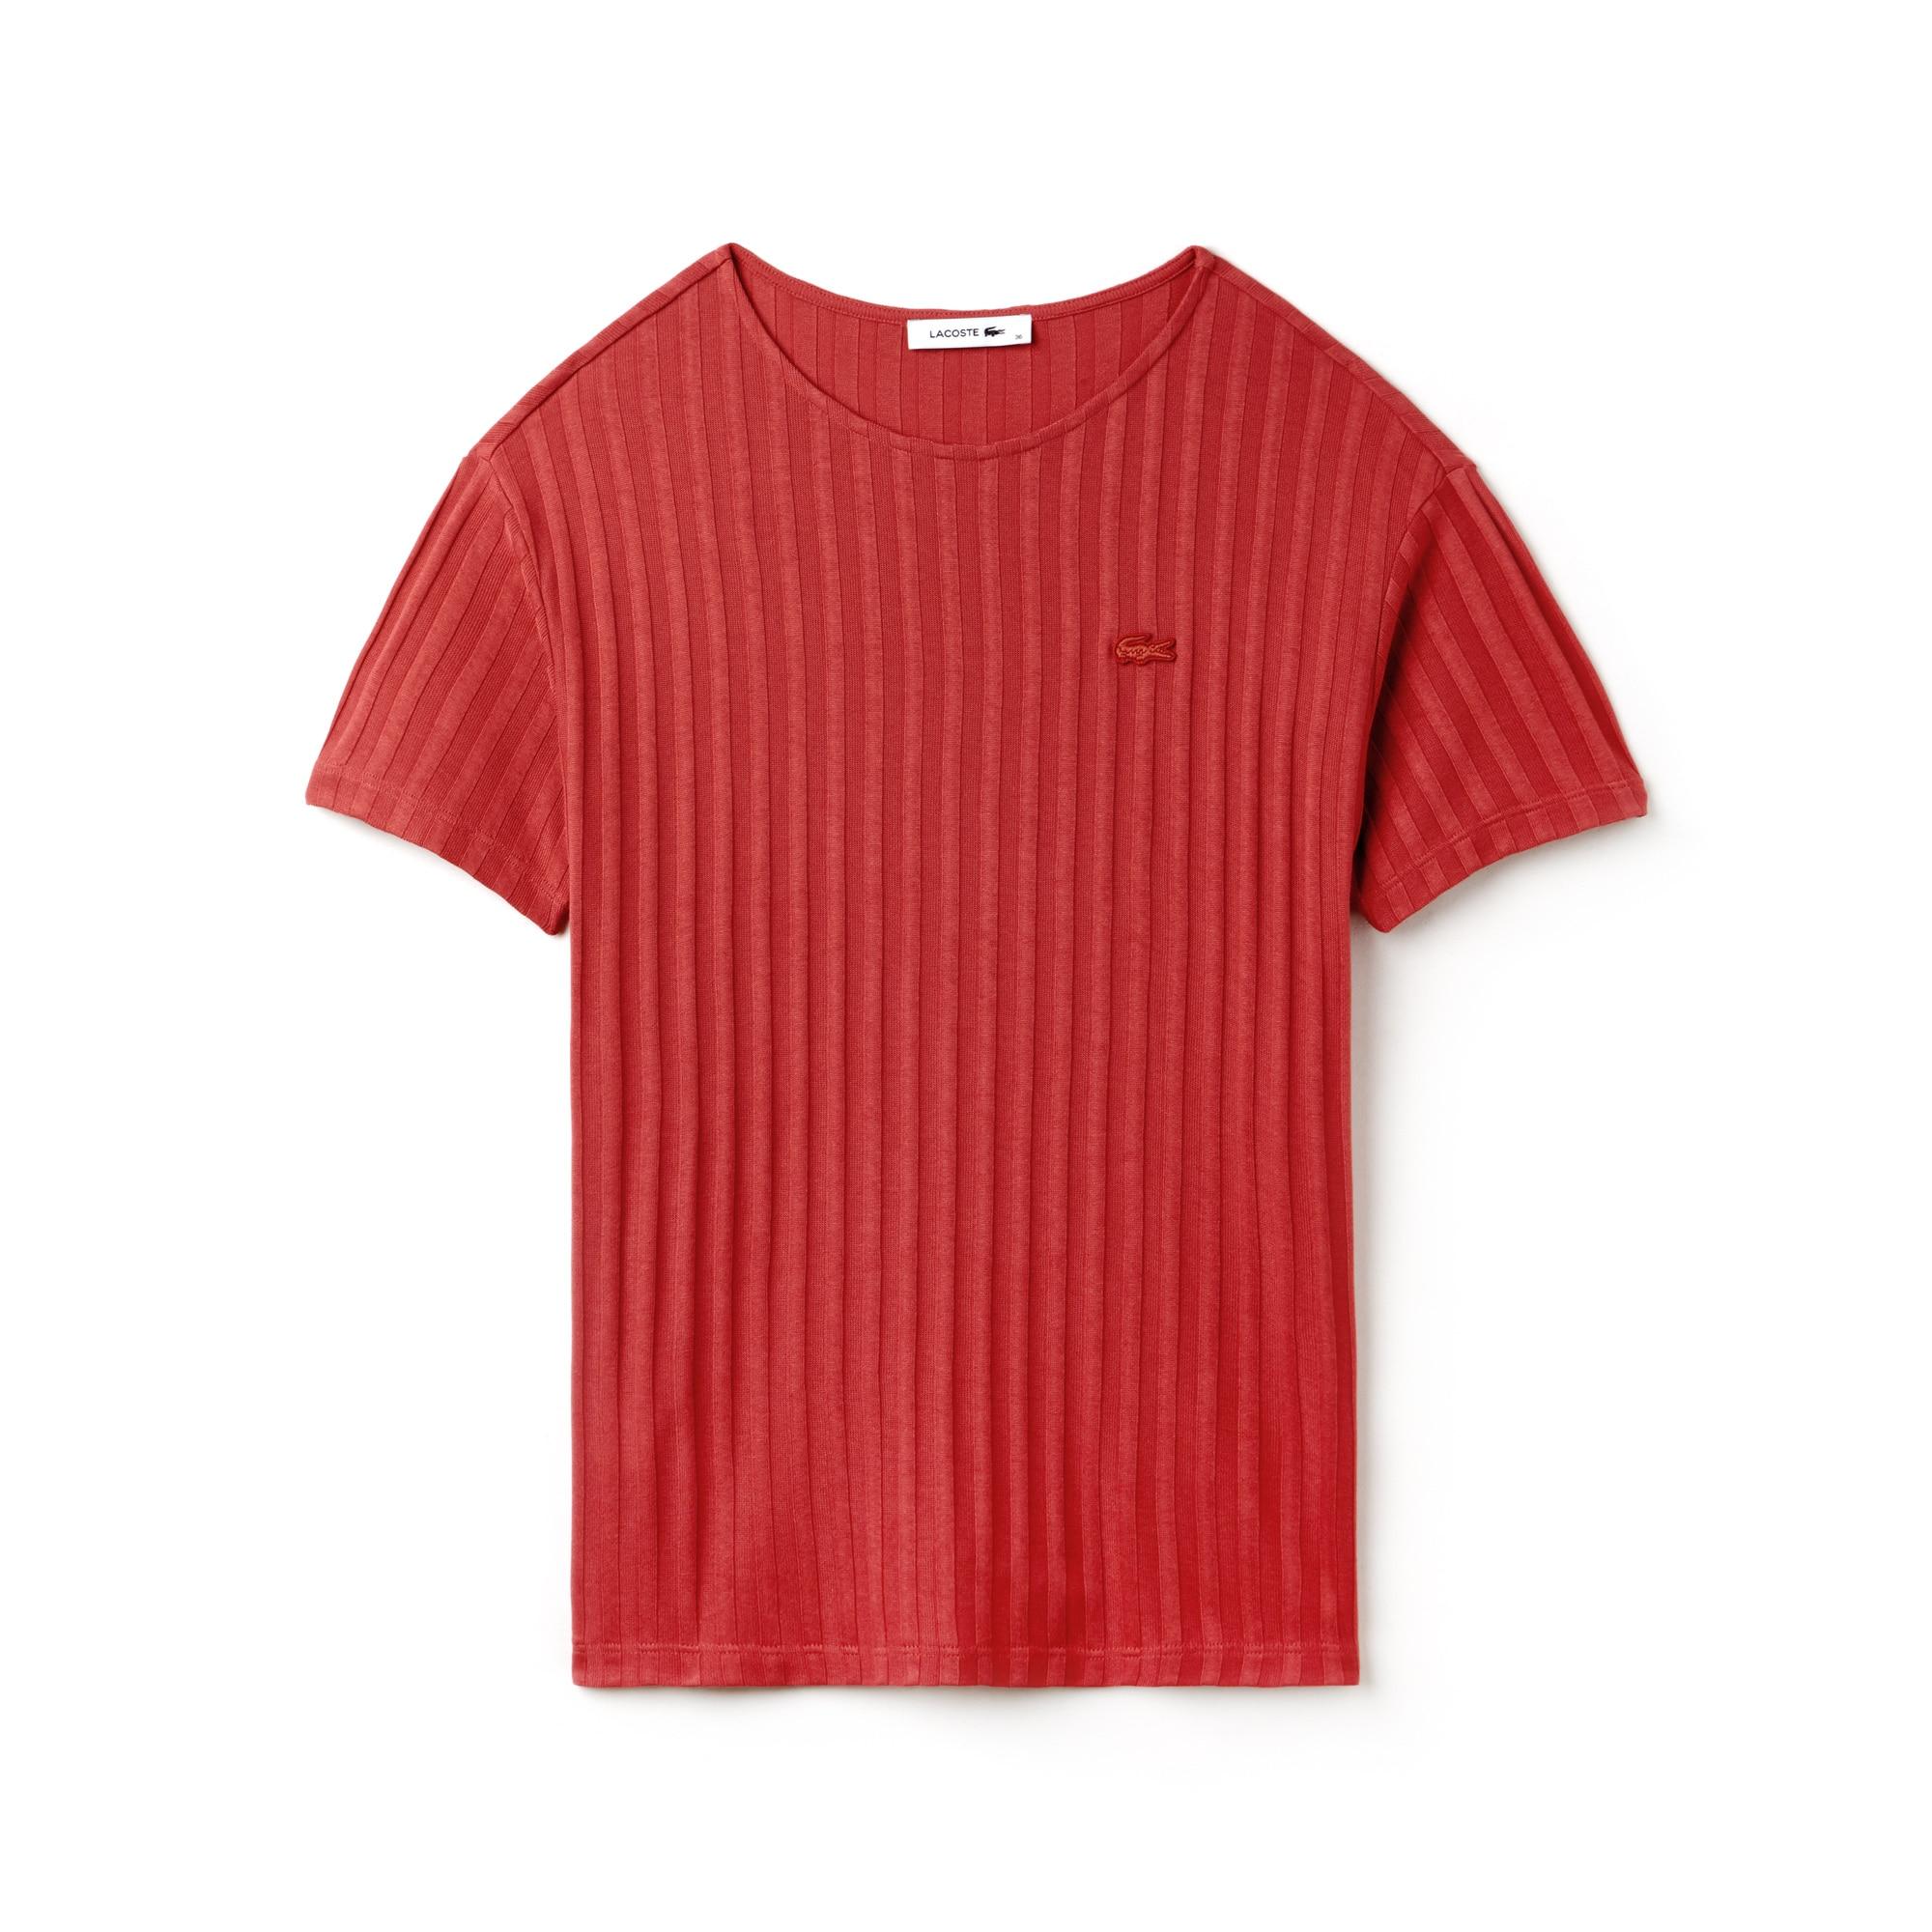 T-shirt com decote largo de manga comprida em jersey rayon